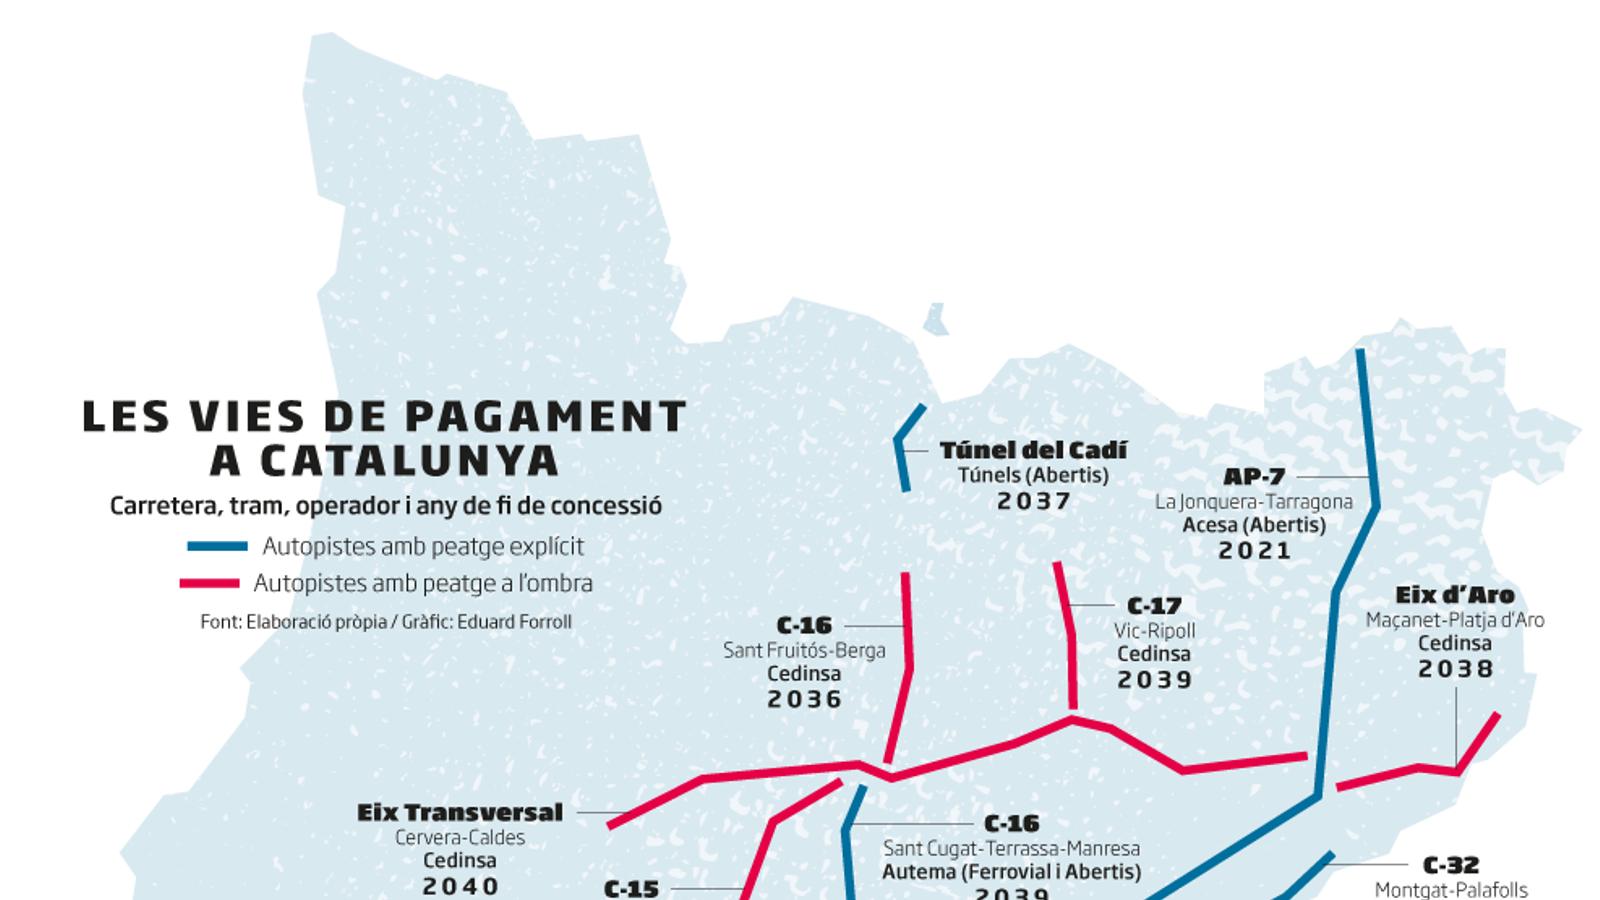 Quan s'acaben els peatges a Catalunya? Consulta aquí el mapa complet